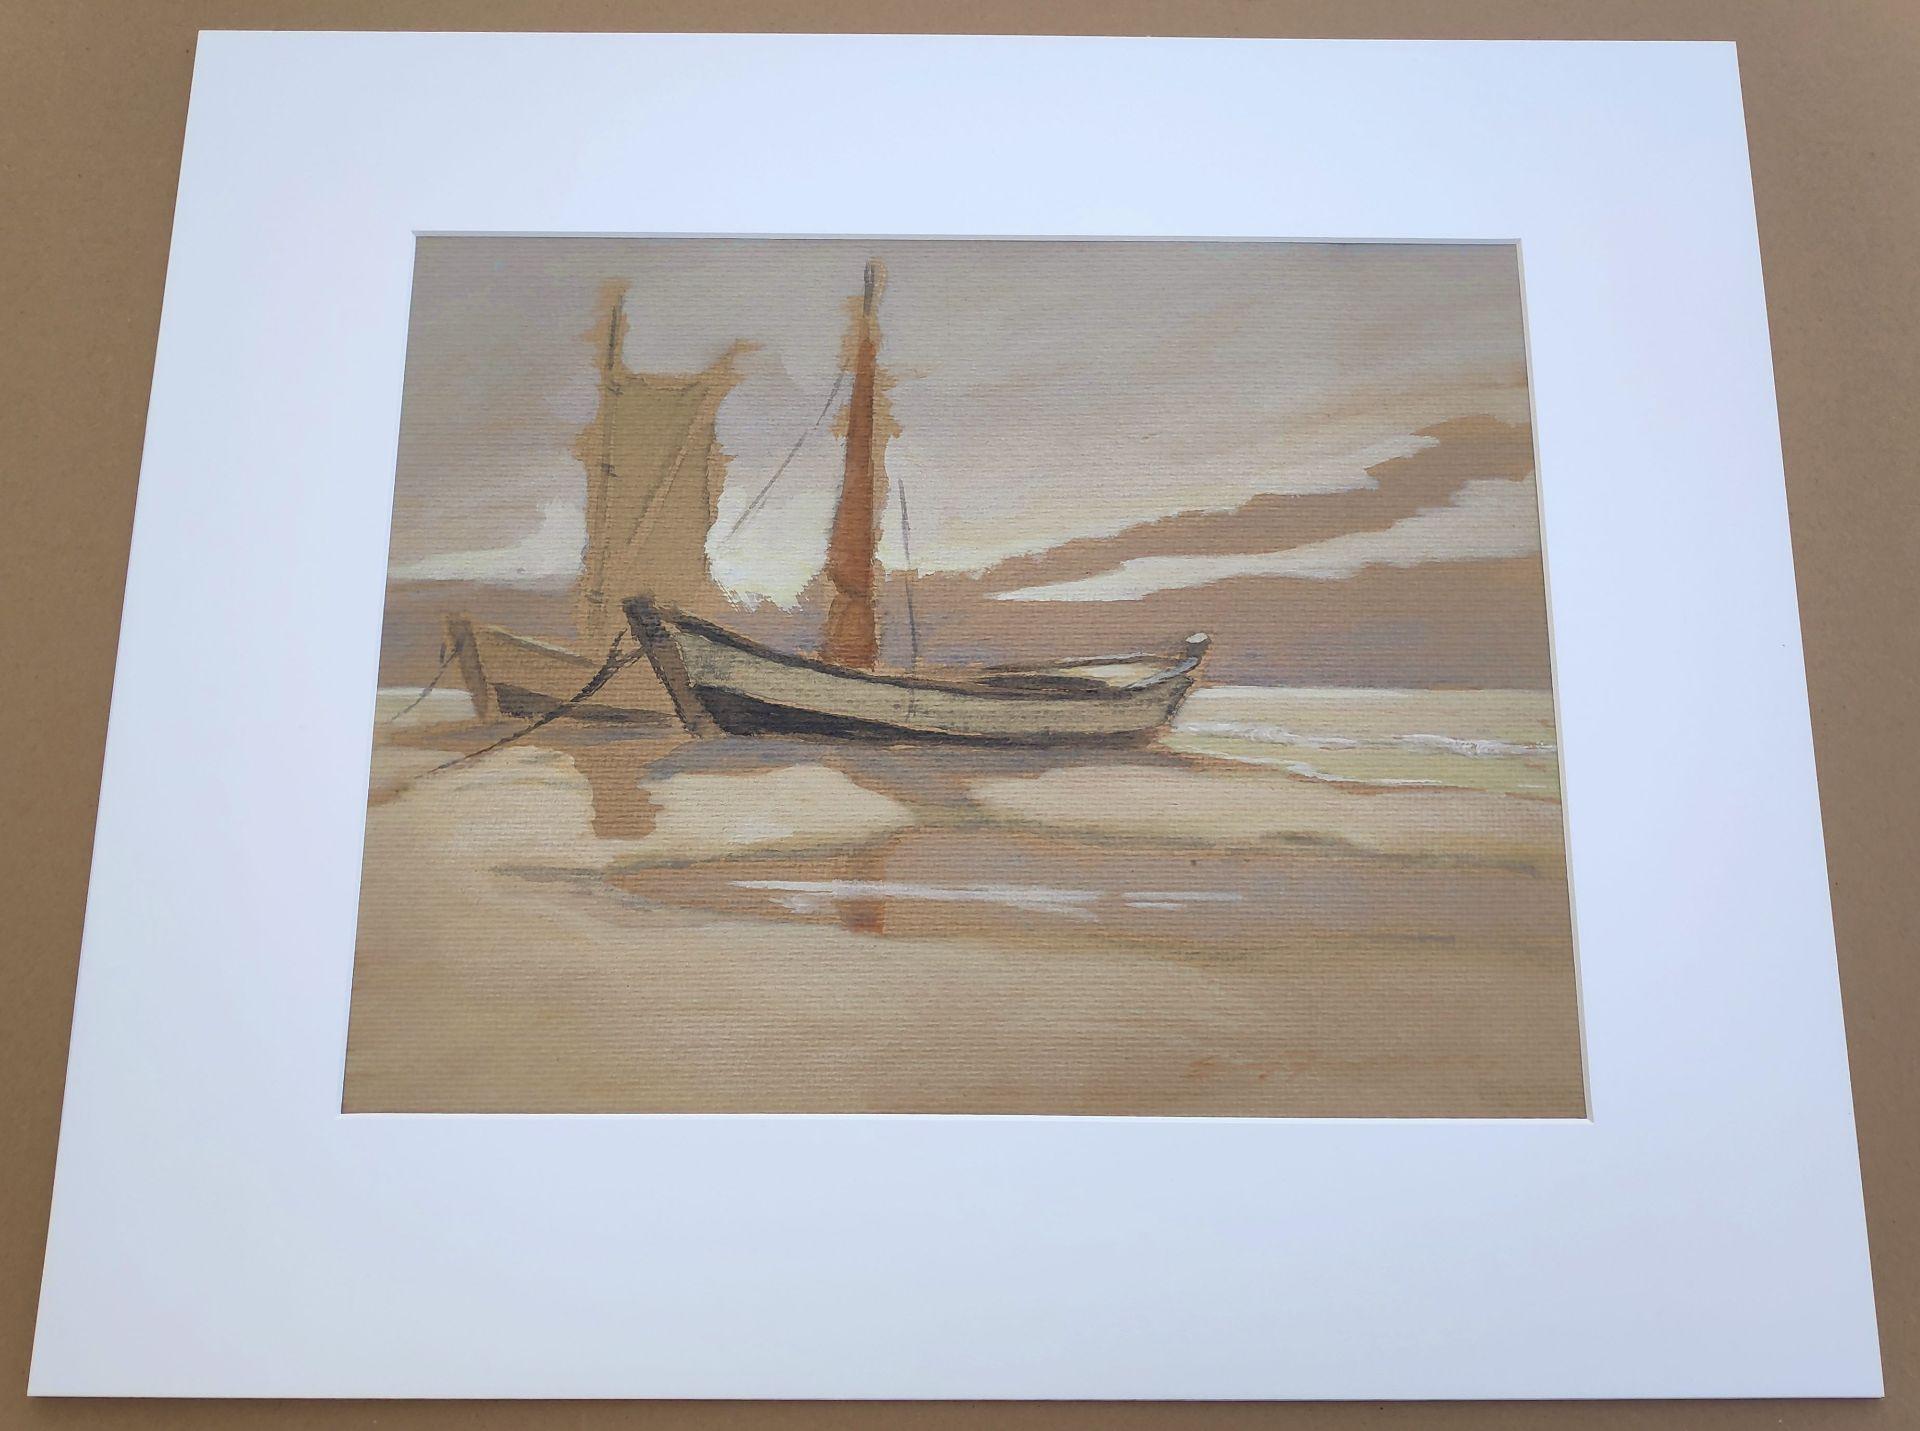 """Jaeckel, Erich (1901 Ahlbeck - 1947 Bansin) """"Zeesboote am Ostseestrand"""" - Bild 3 aus 5"""